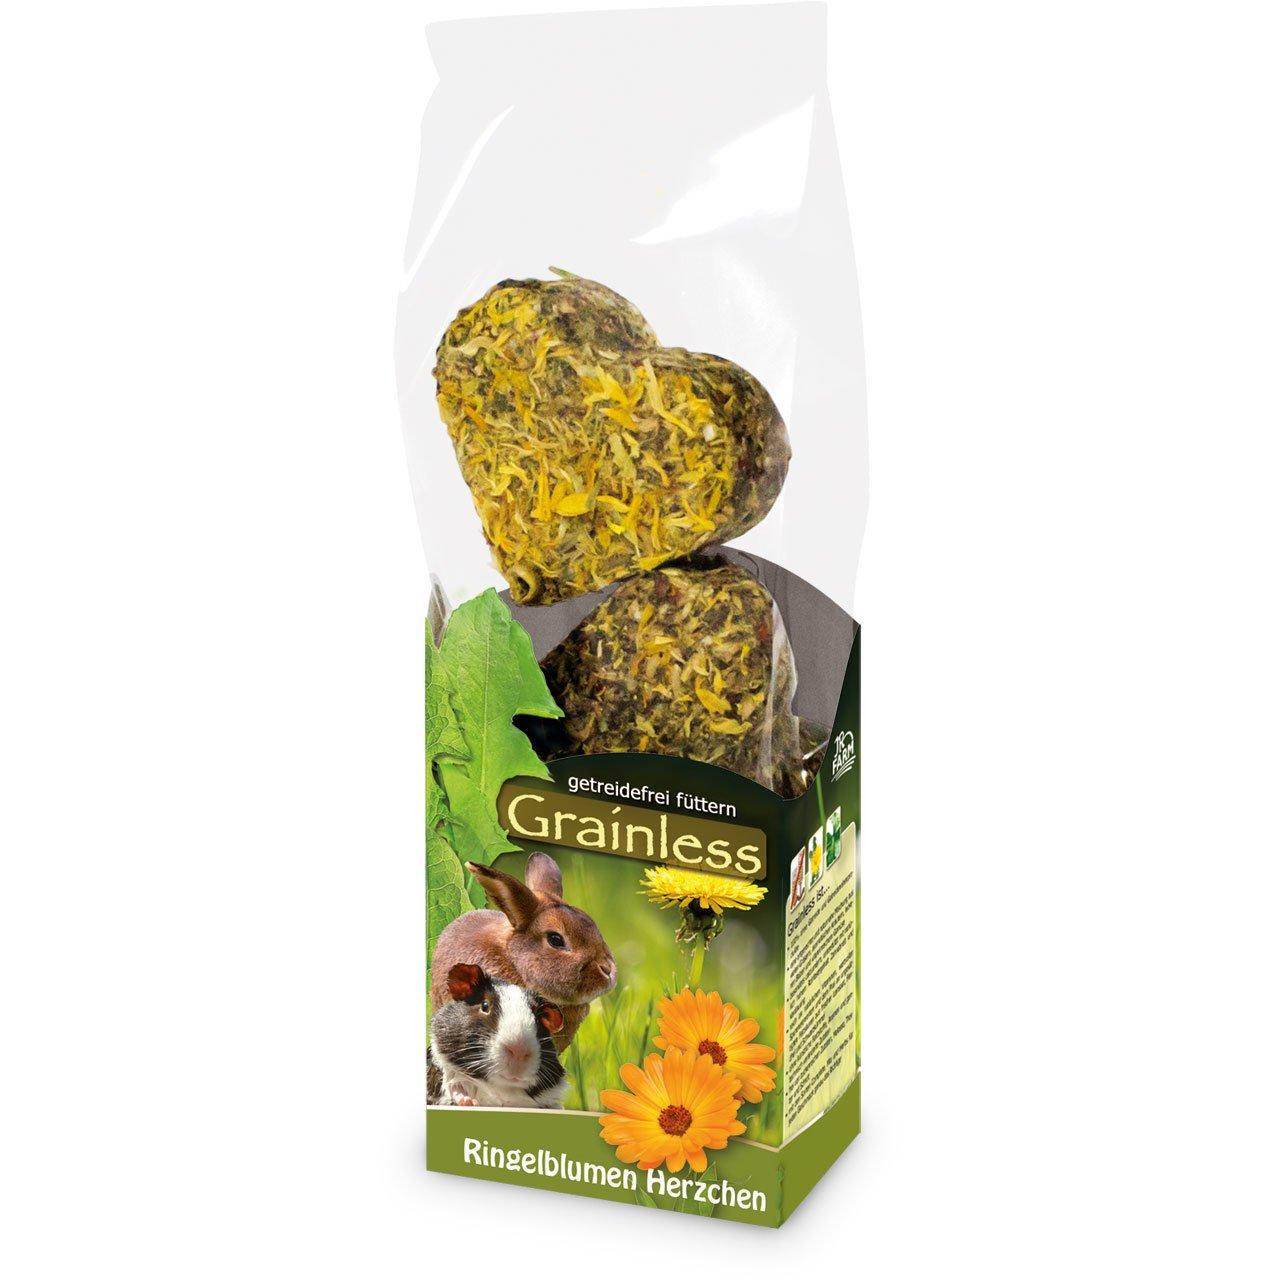 JR Farm Grainless Blumen Herzchen, Ringelblumen Herzchen, 105 g